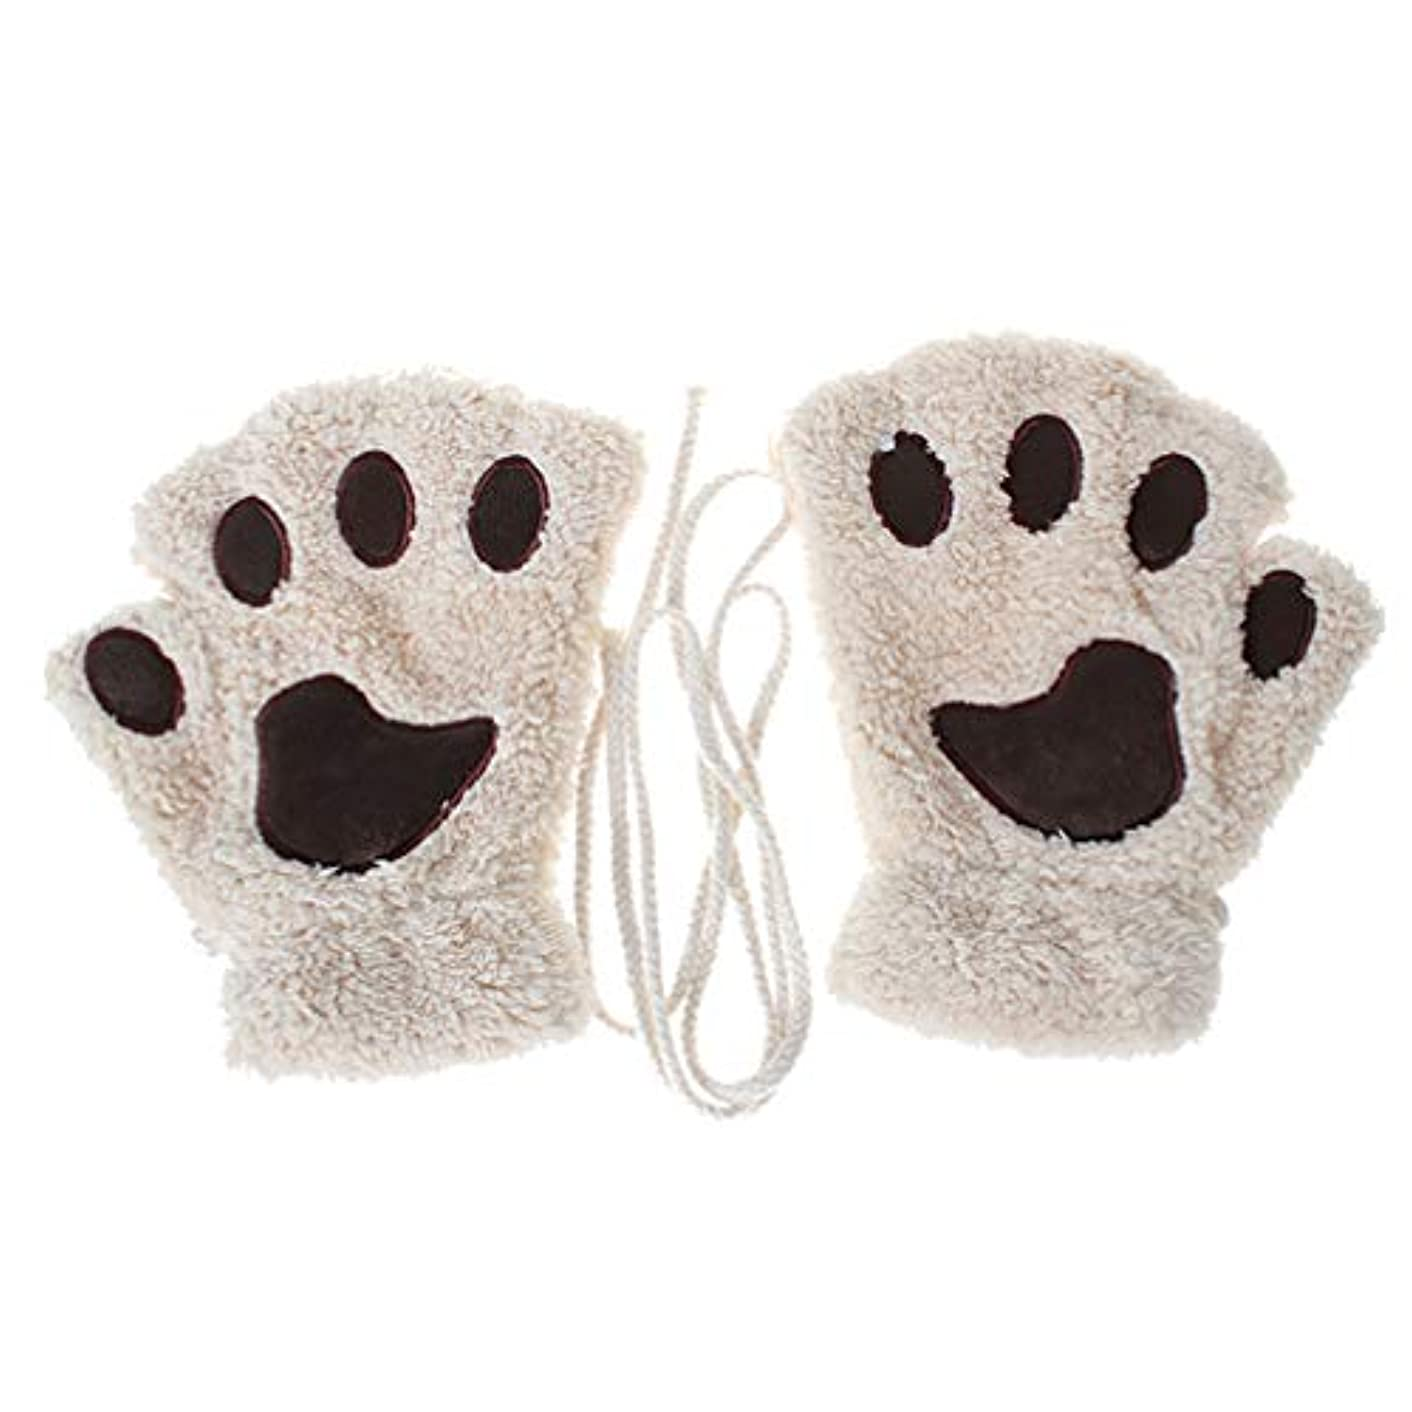 和気付く日帰り旅行にToporchid 冬の厚く暖かいハーフフィンガーグローブかわいい女性のぬいぐるみ子猫の爪手袋